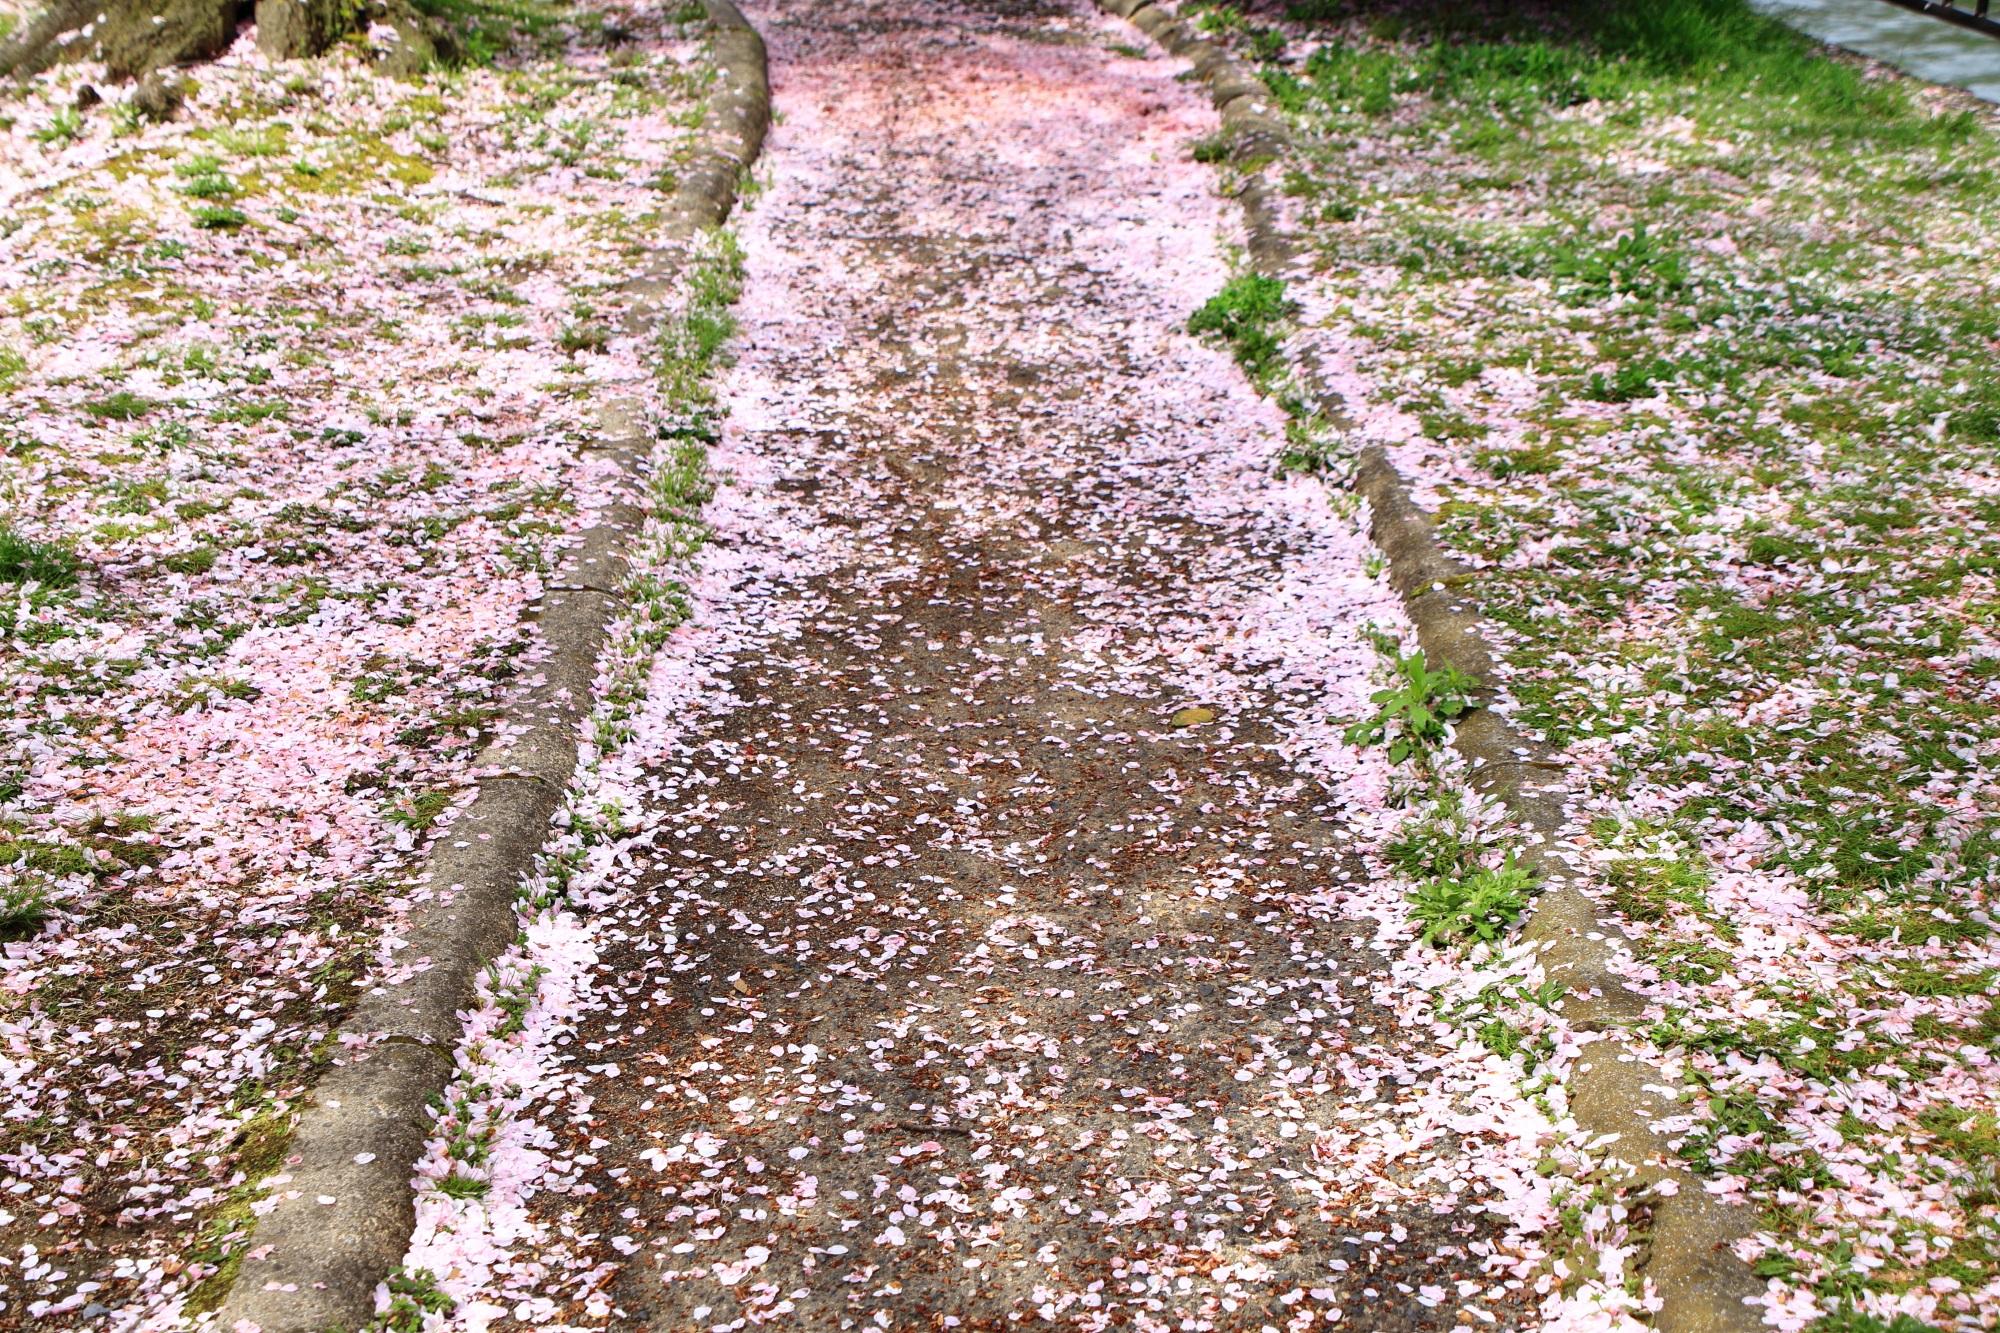 道にも芝生にも華やかに散る桜の花びら